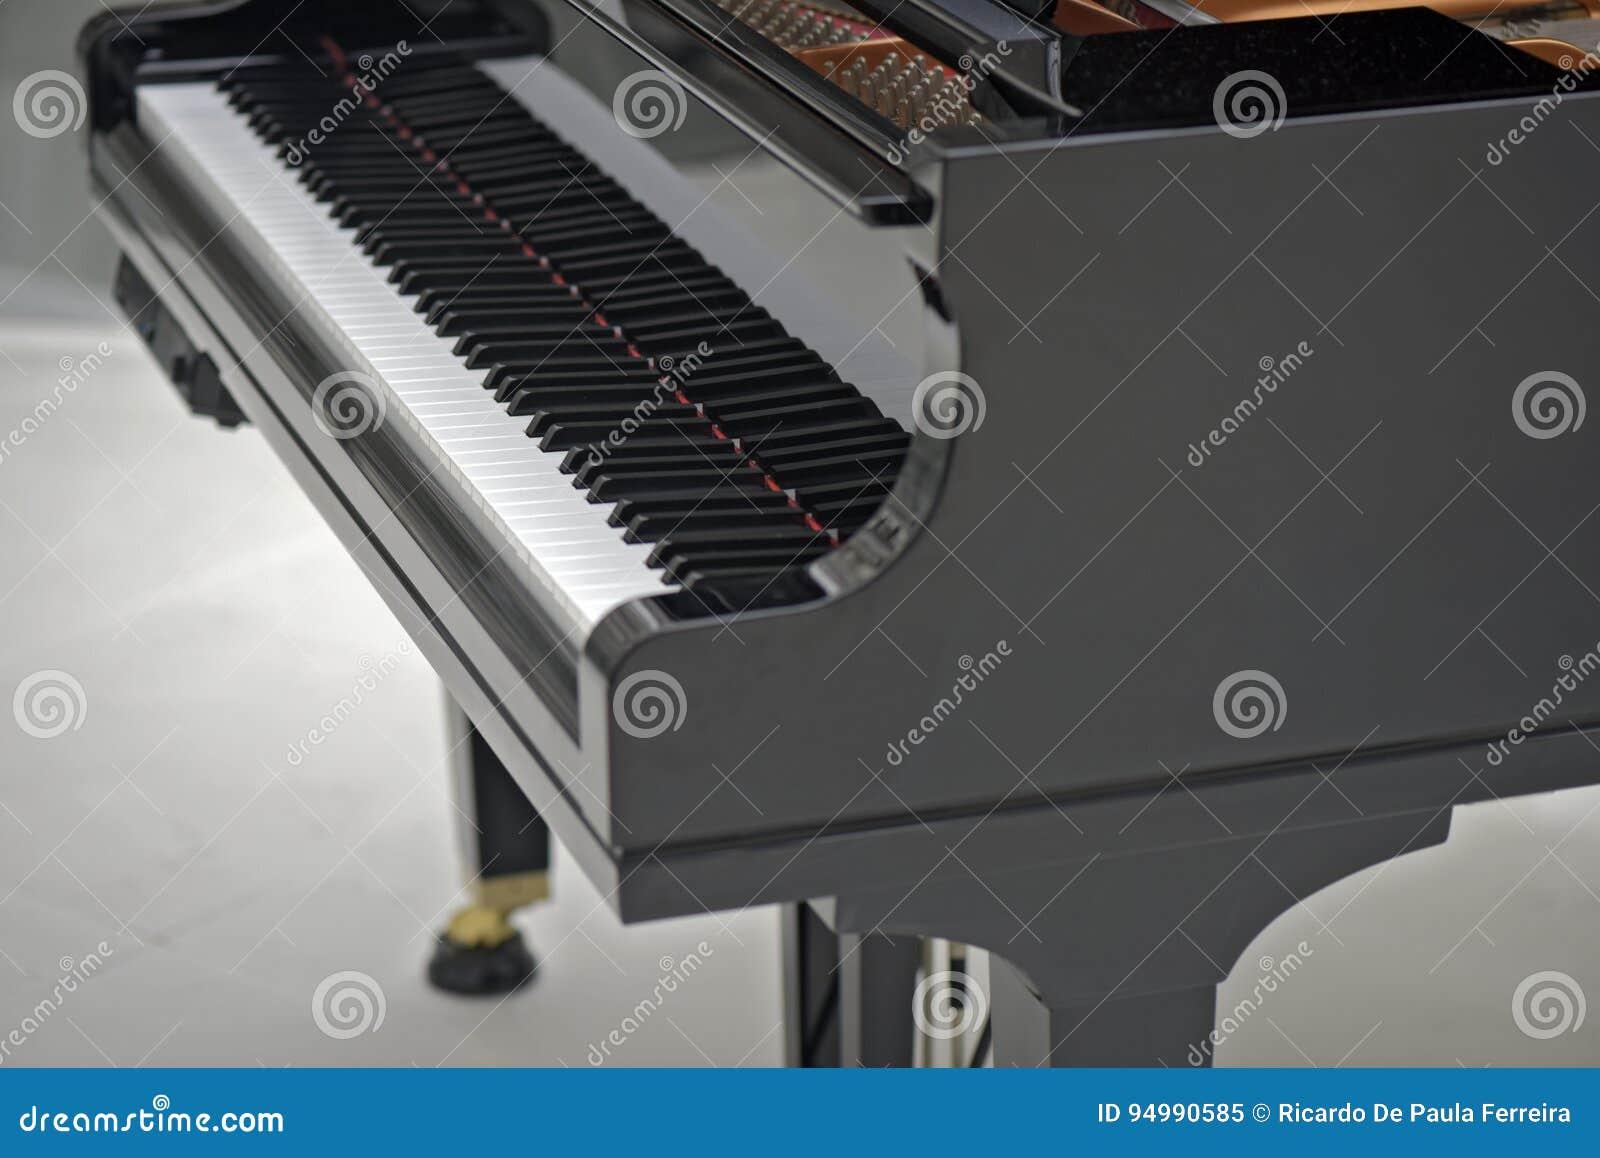 Zakończenie pianino